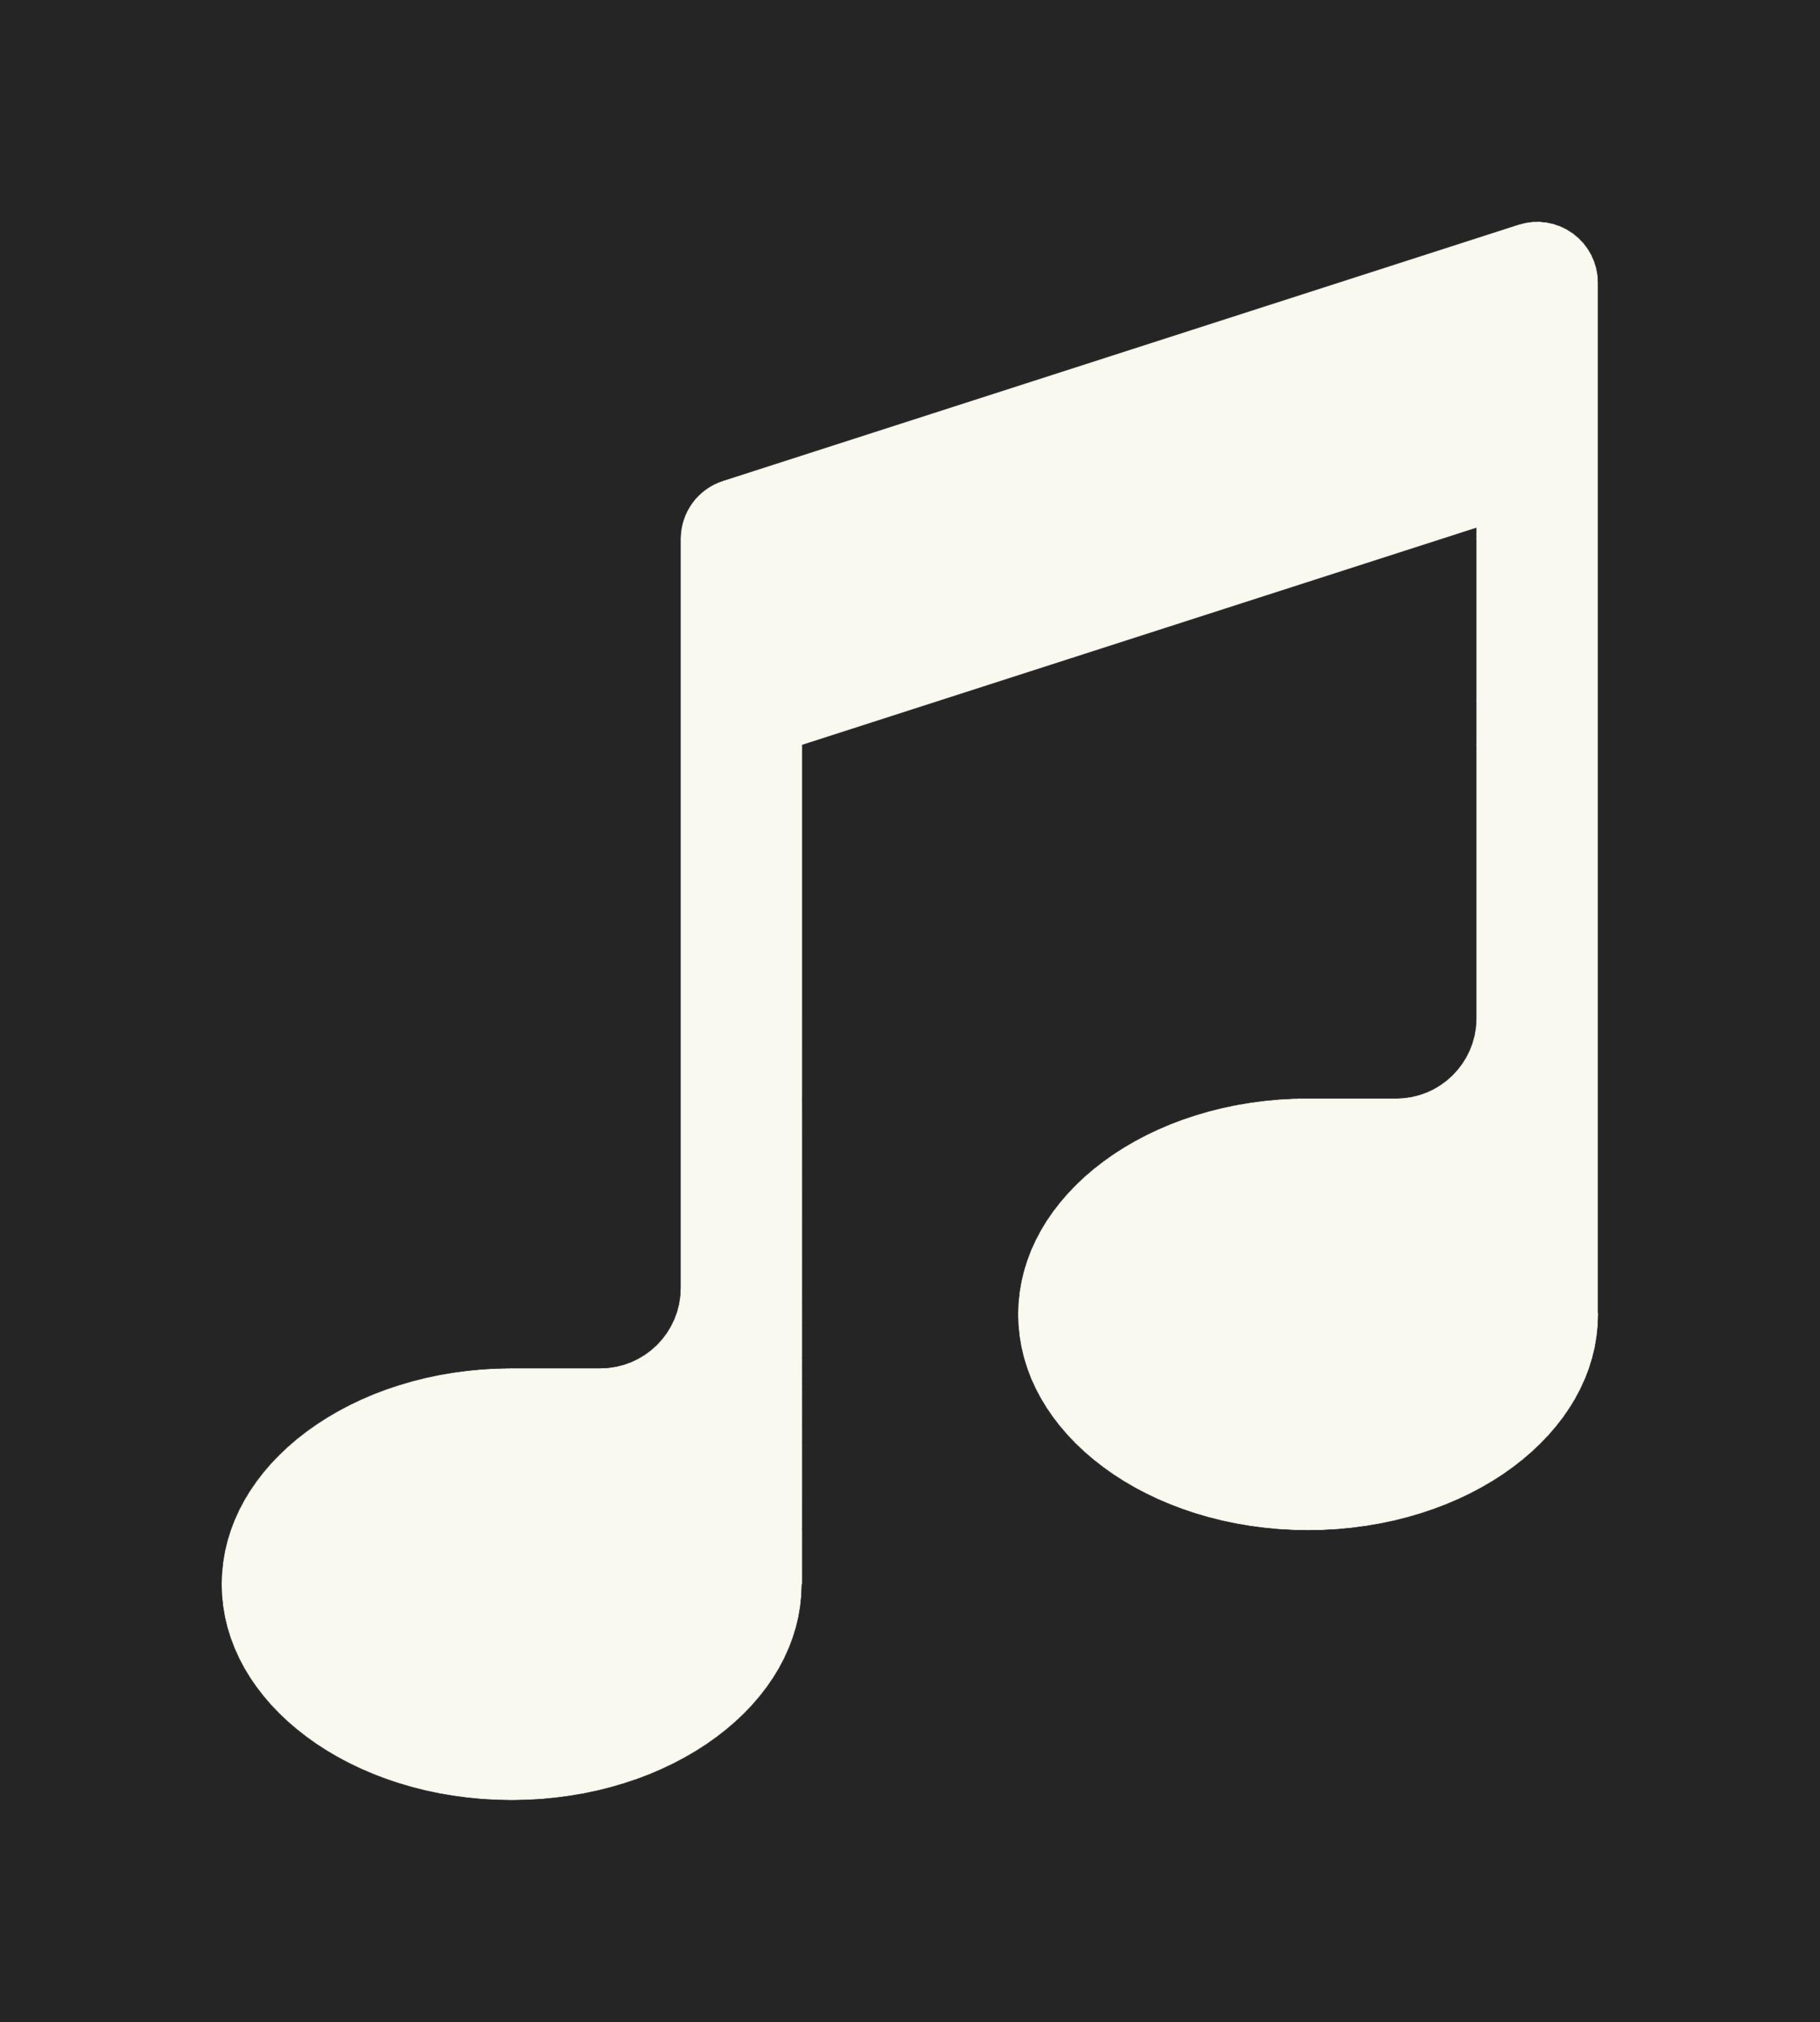 On demand streaming platform en de benodigde muzieklicenties